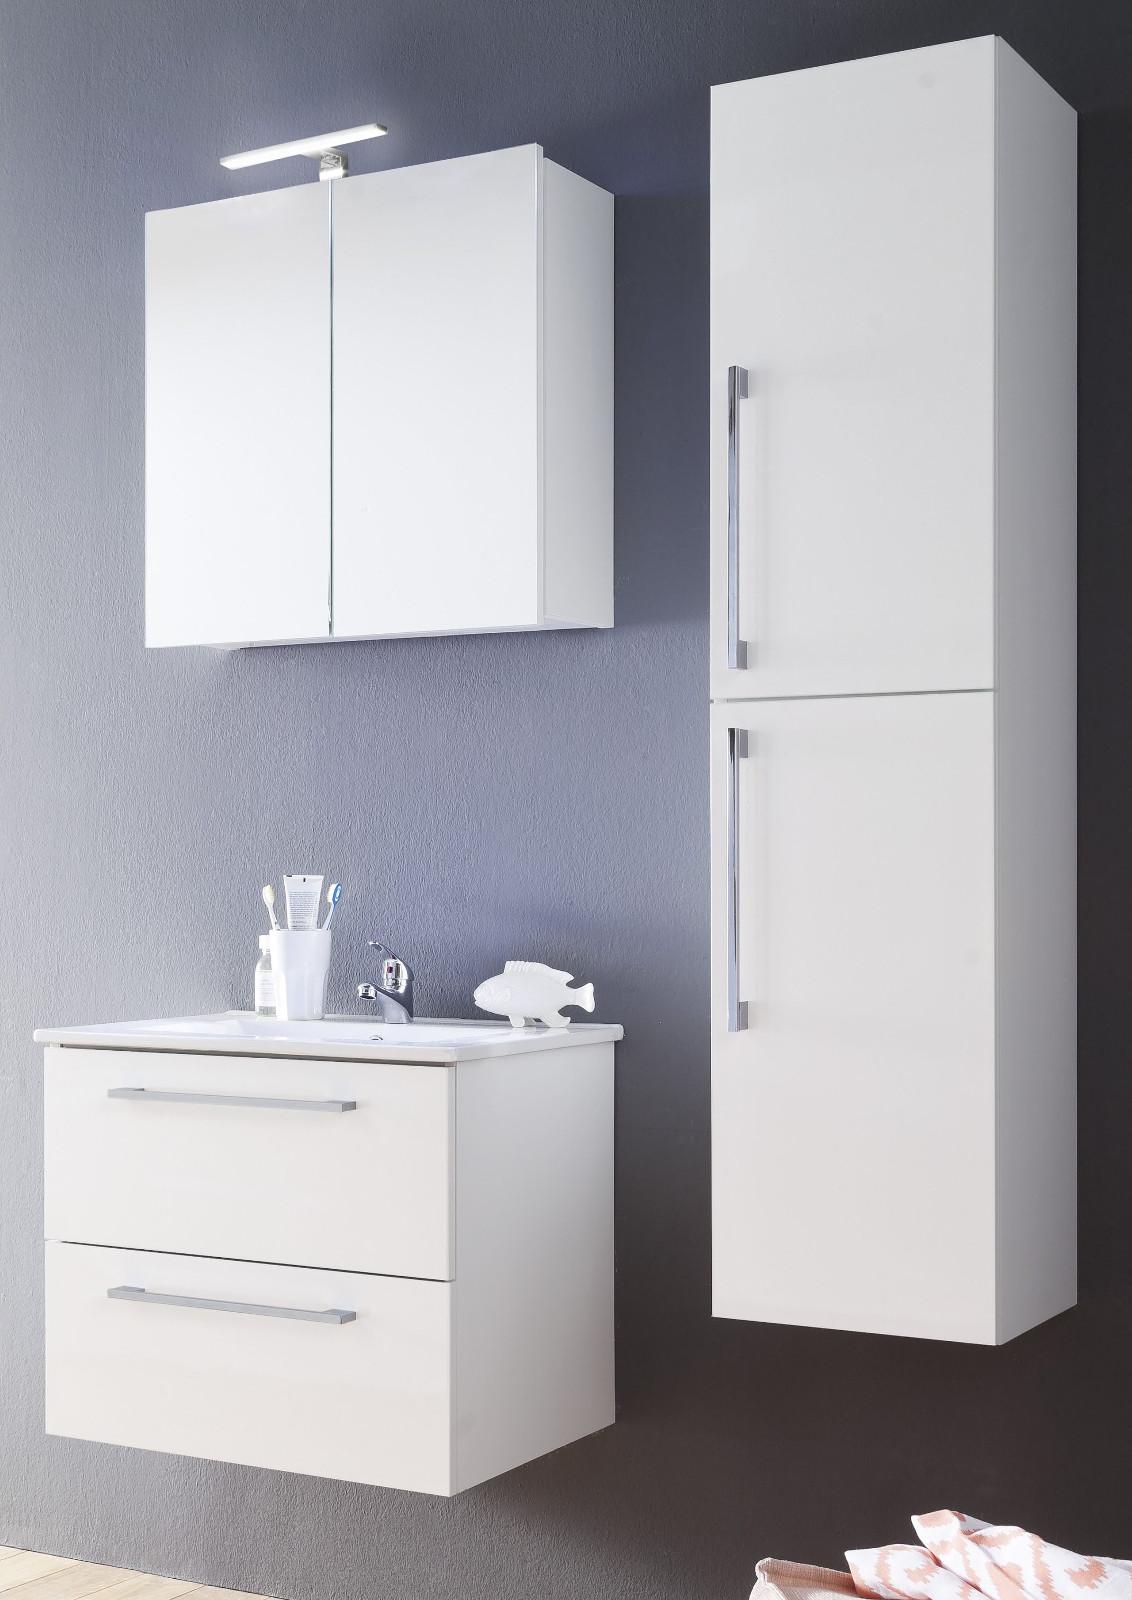 spiegelschrank badm bel intenso hochglanz wei 60x60 cm. Black Bedroom Furniture Sets. Home Design Ideas